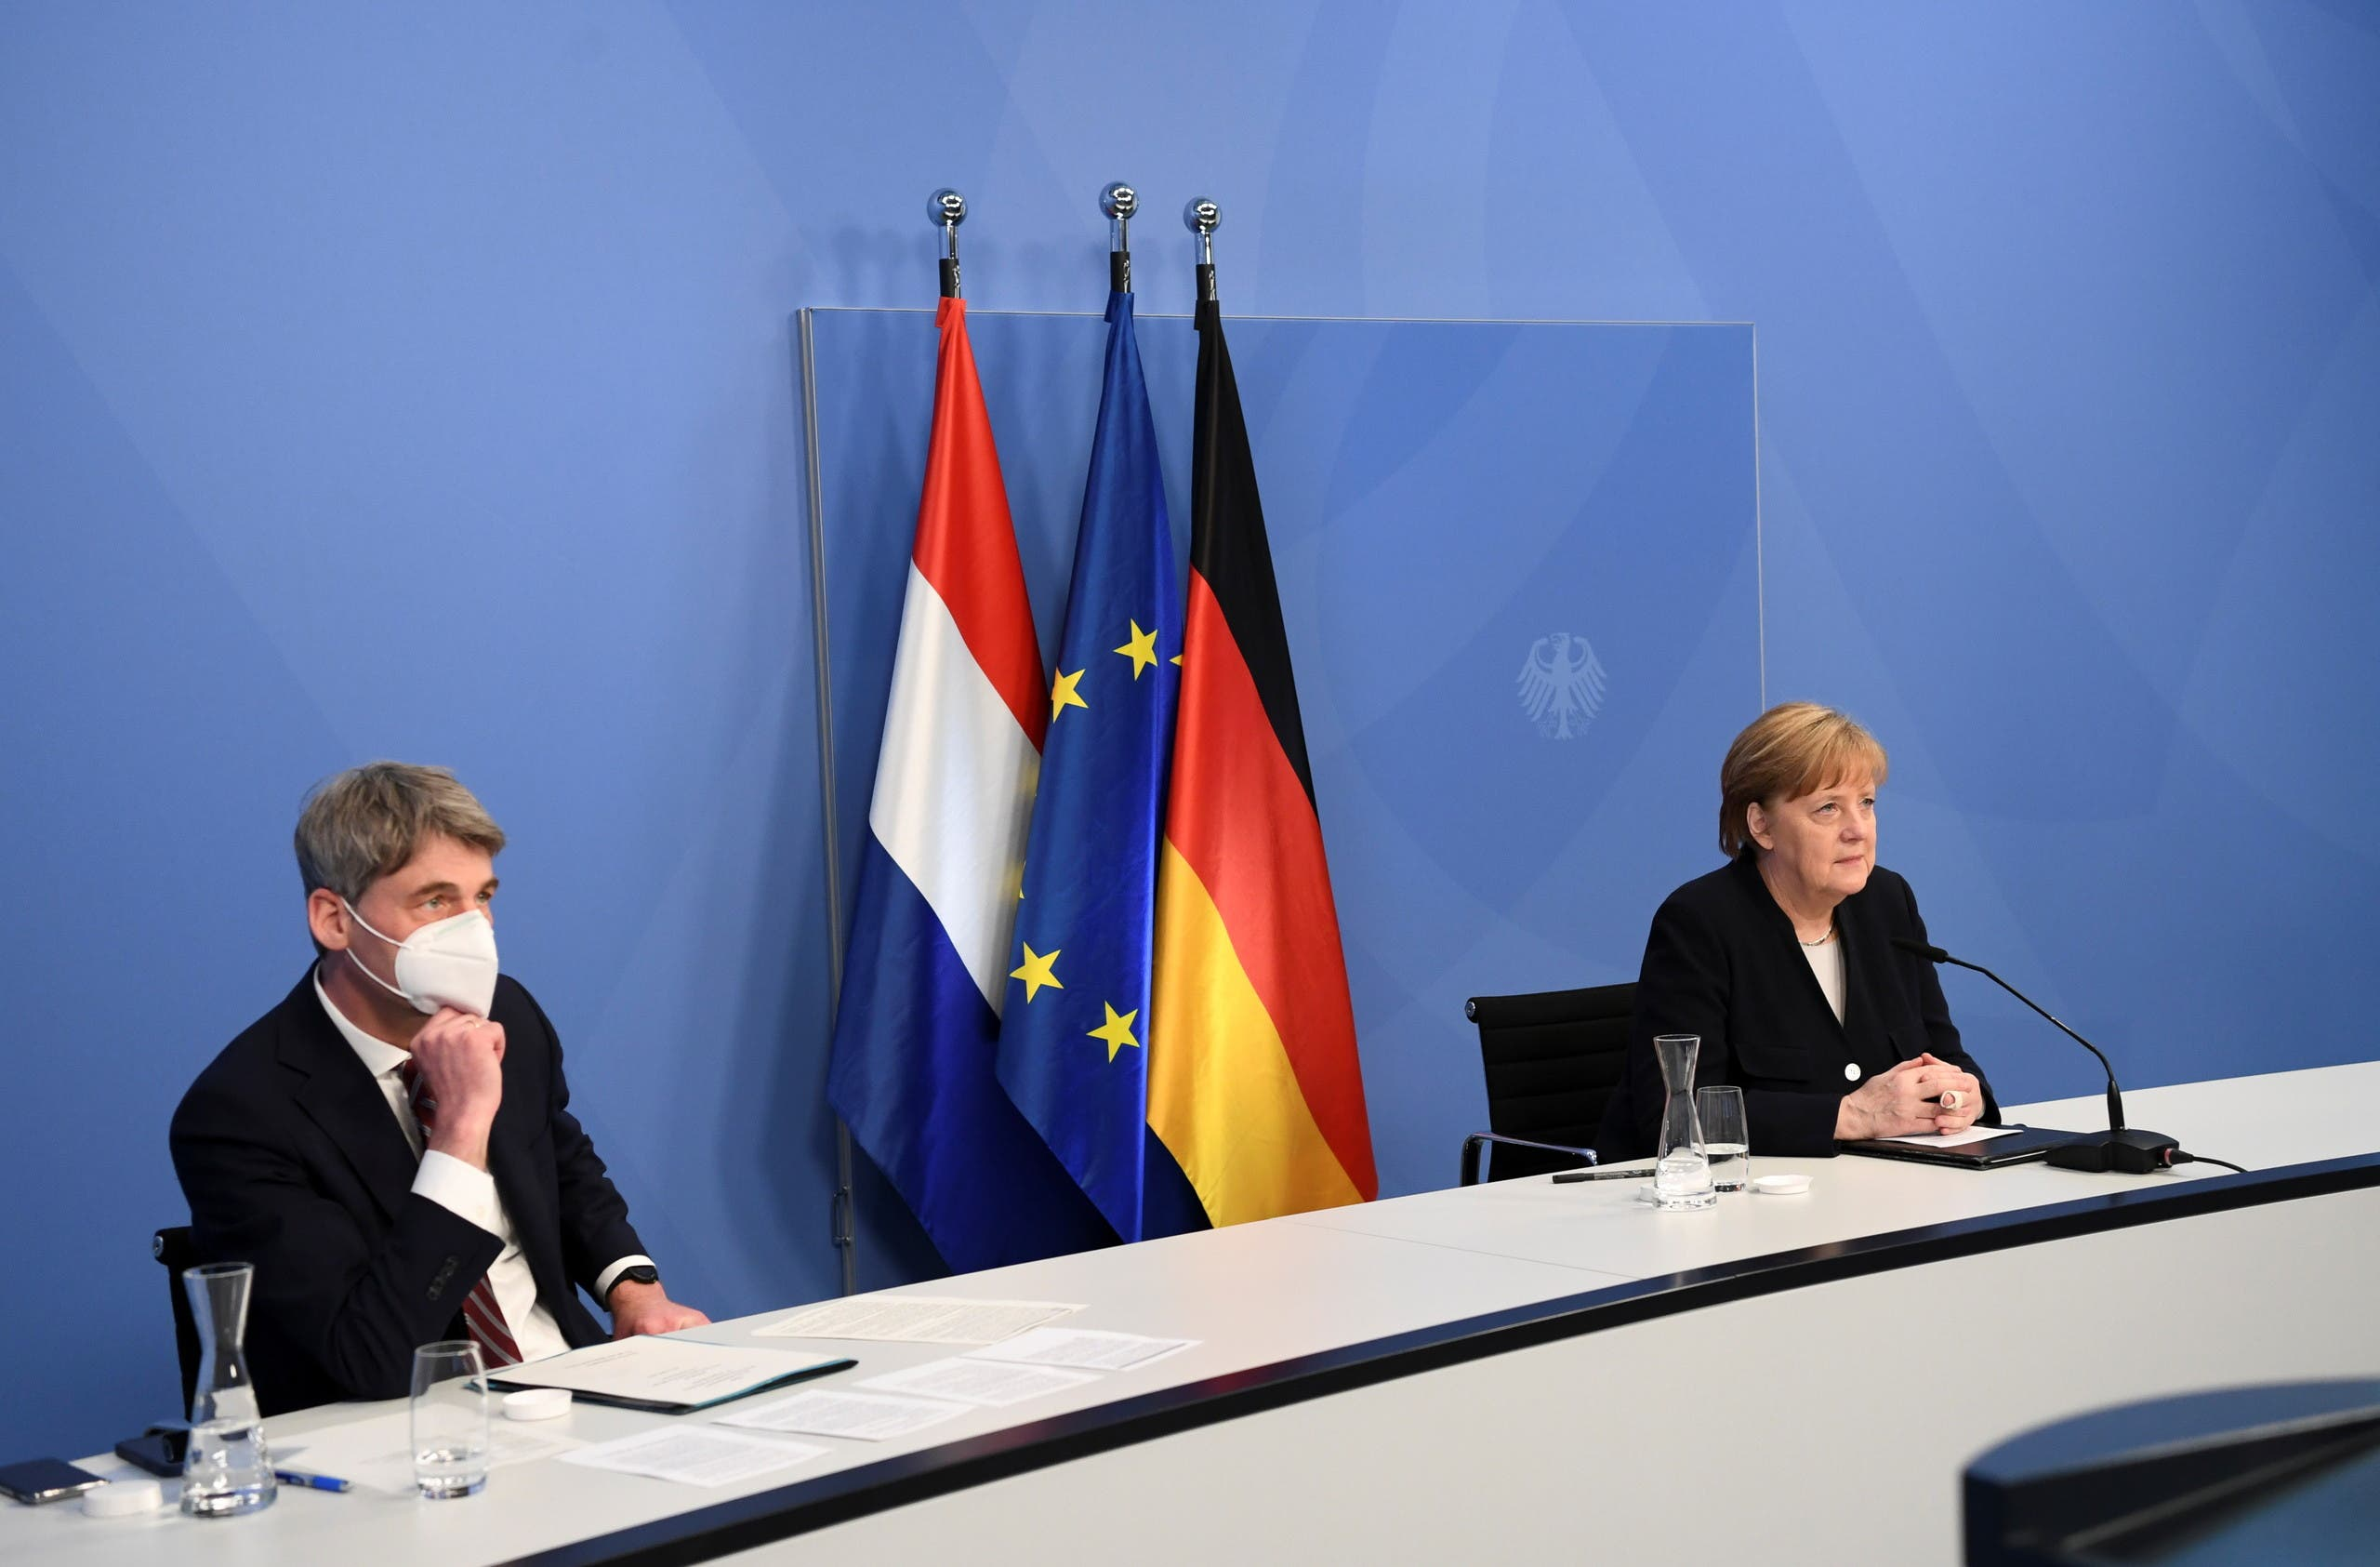 هيكر خلال اجتماع برئاسة ميركل في برلين في مايو الماضي